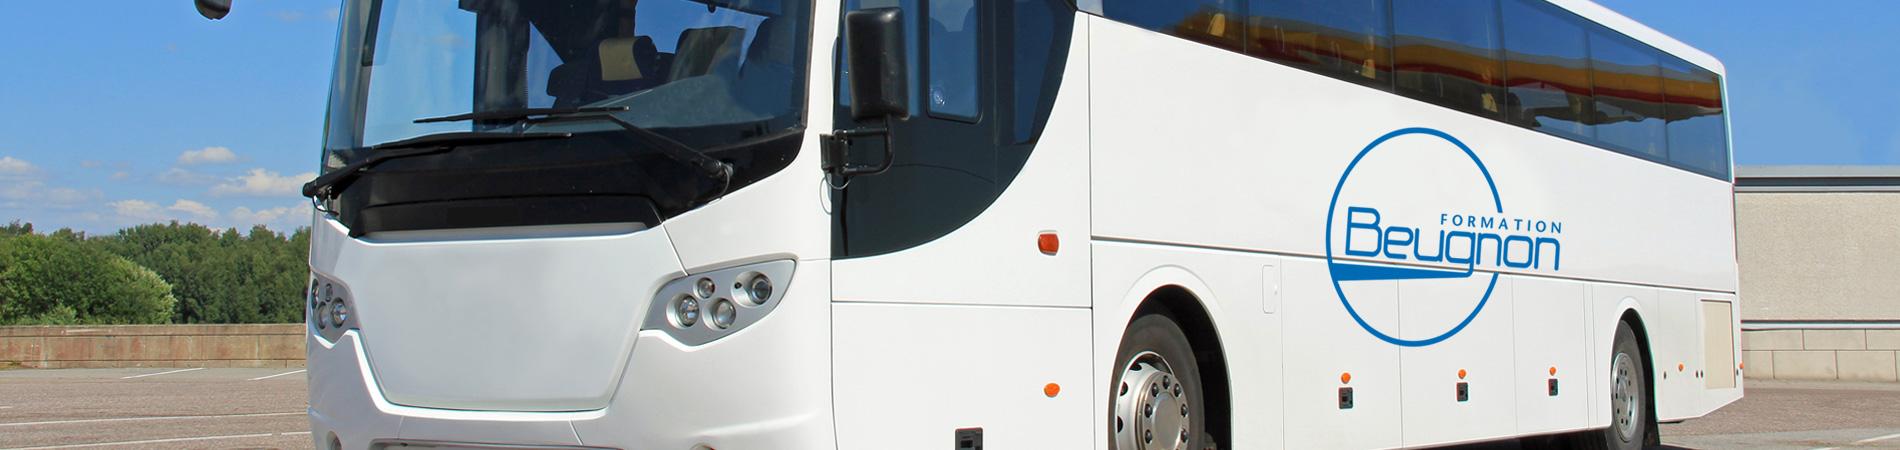 transport de voyageurs à Angers, Saumur, Poitiers, Niort, Nantes, Le Mans